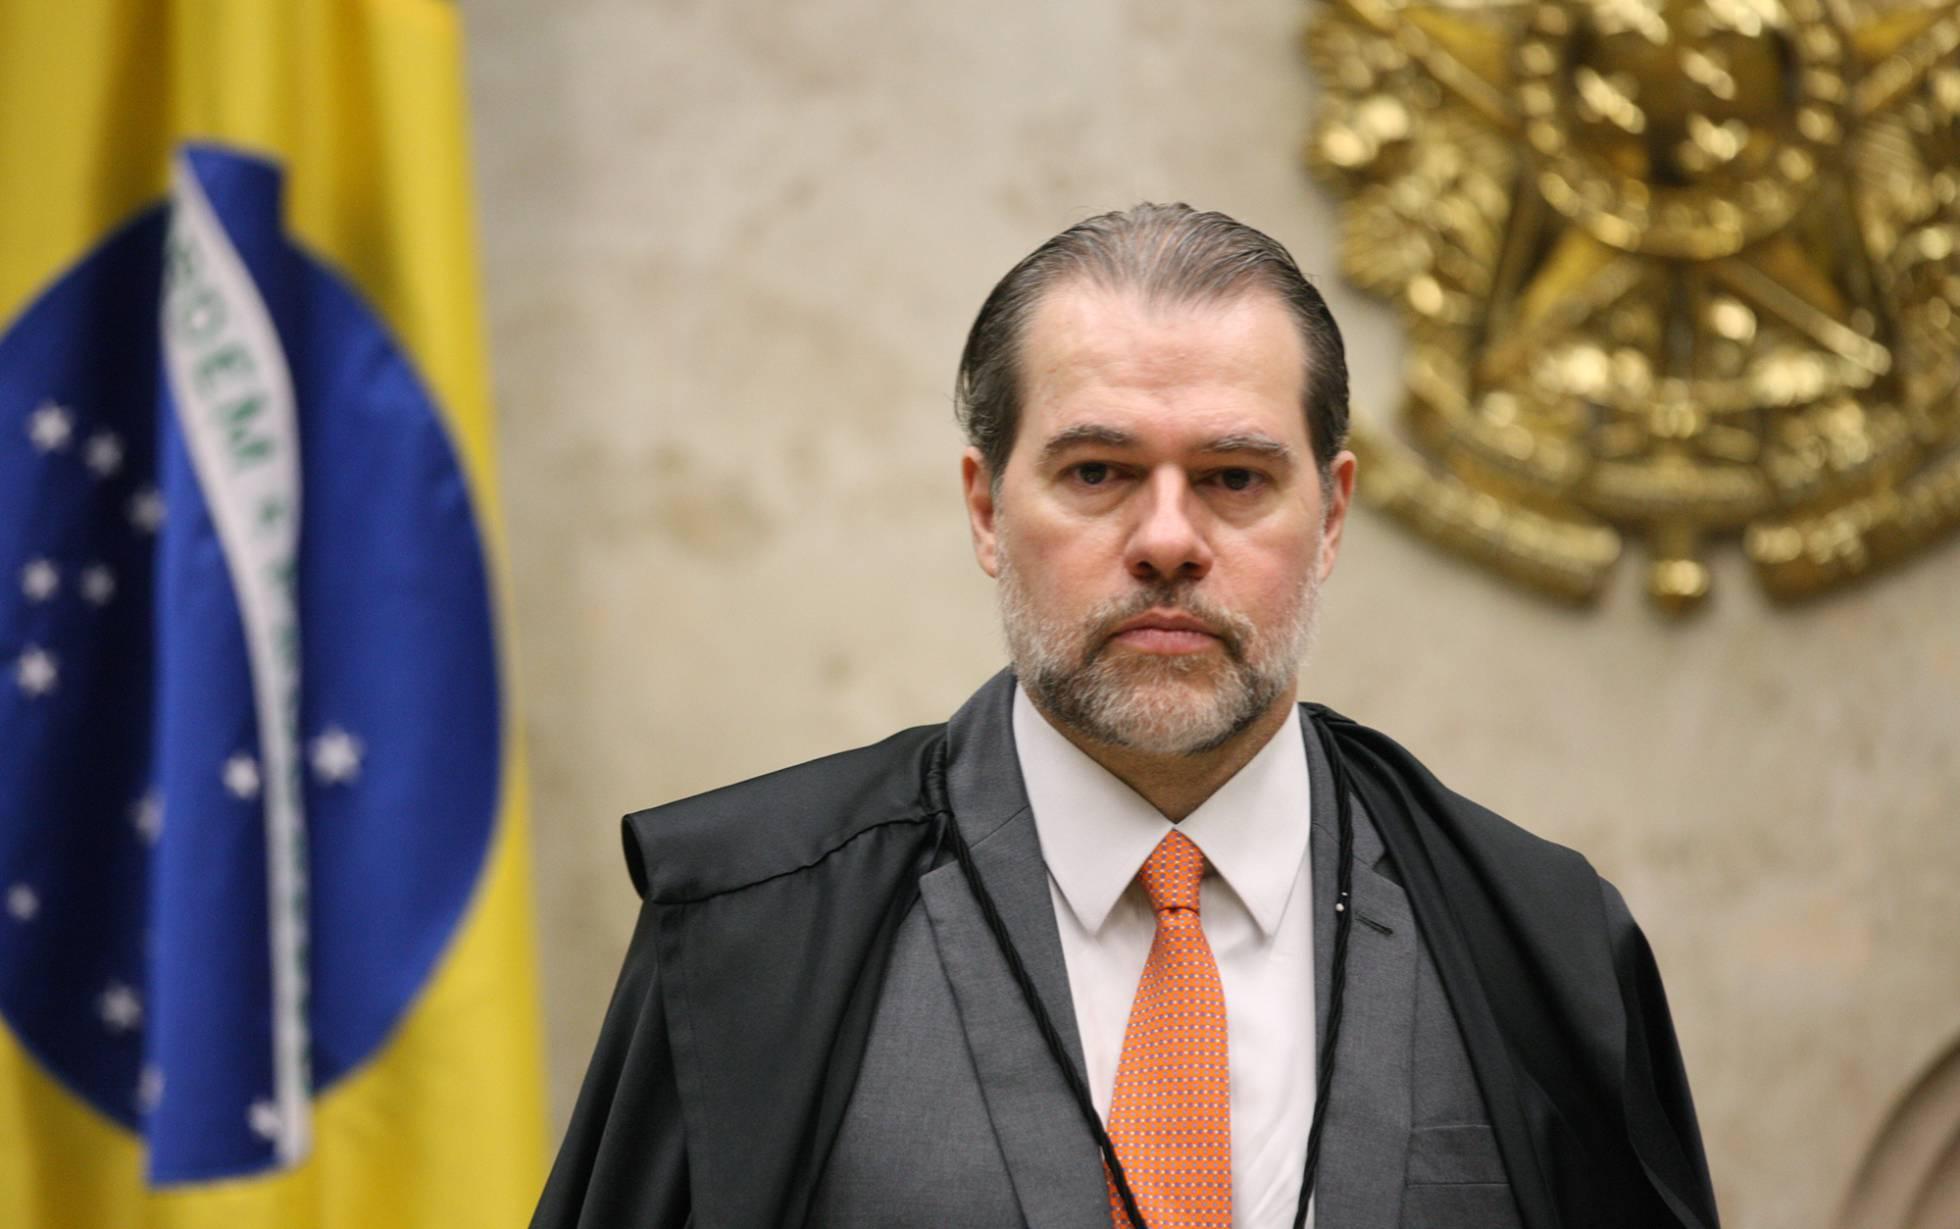 El presidente del Supremo propone un gran pacto nacional para sacar a Brasil de la crisis